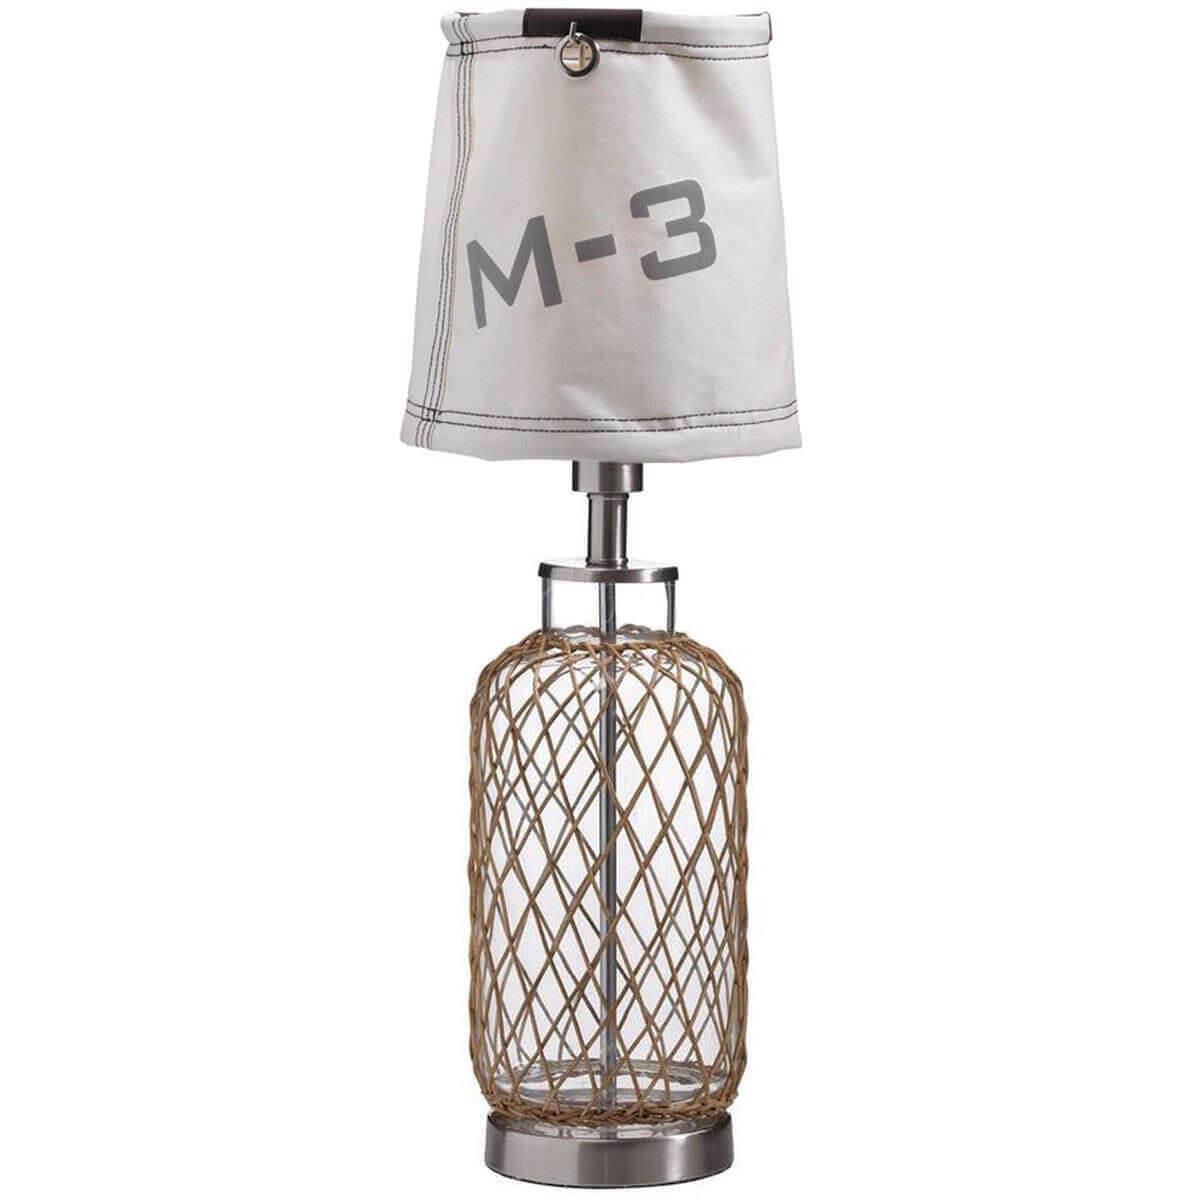 Настольная лампа Markslojd 104750+104747 Cape Horn